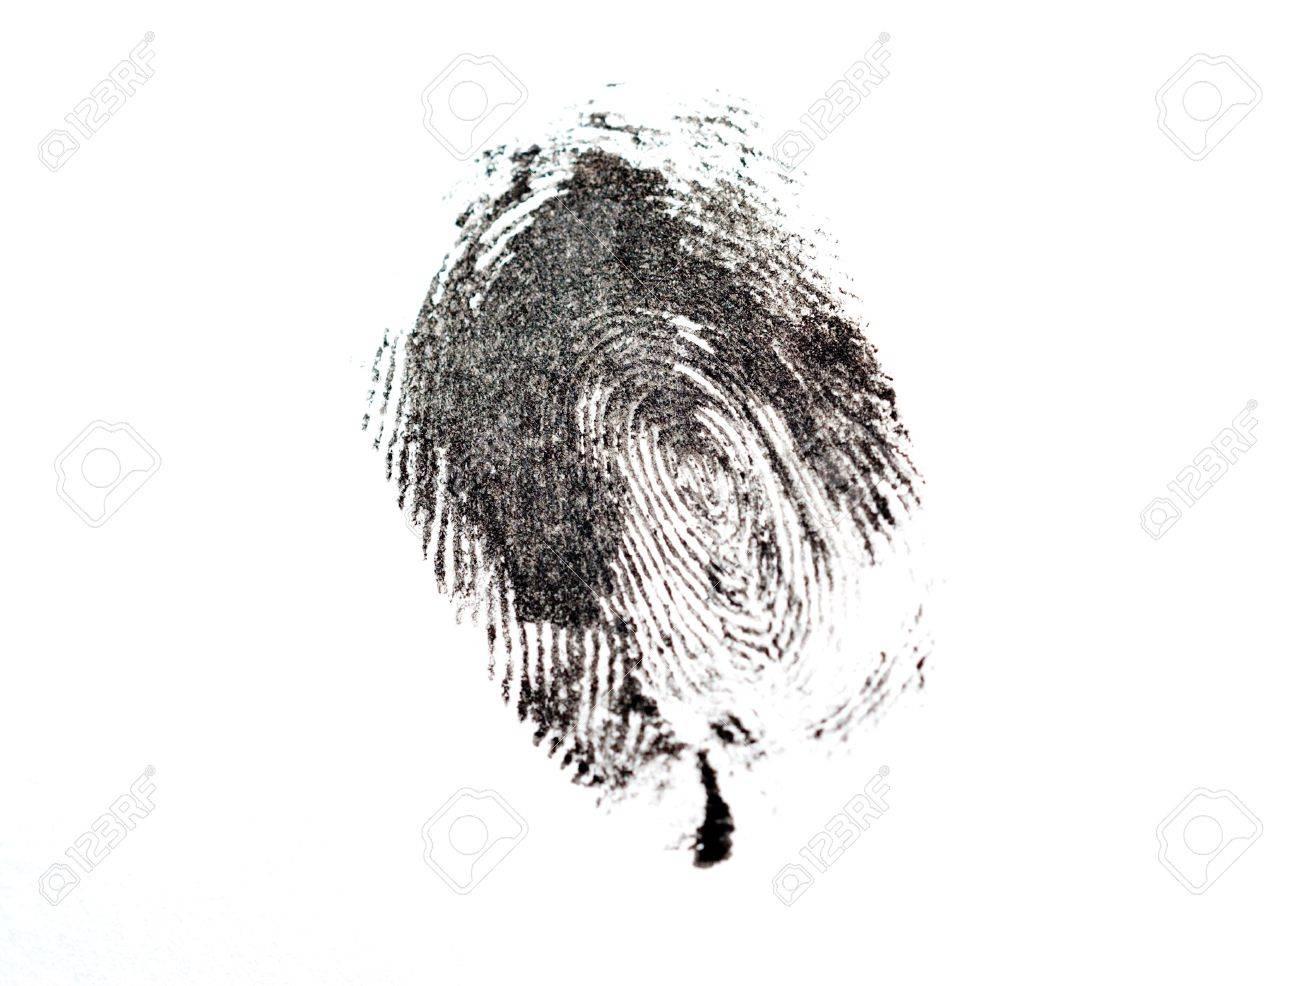 detail of black fingerprint isolated on white - 6019616